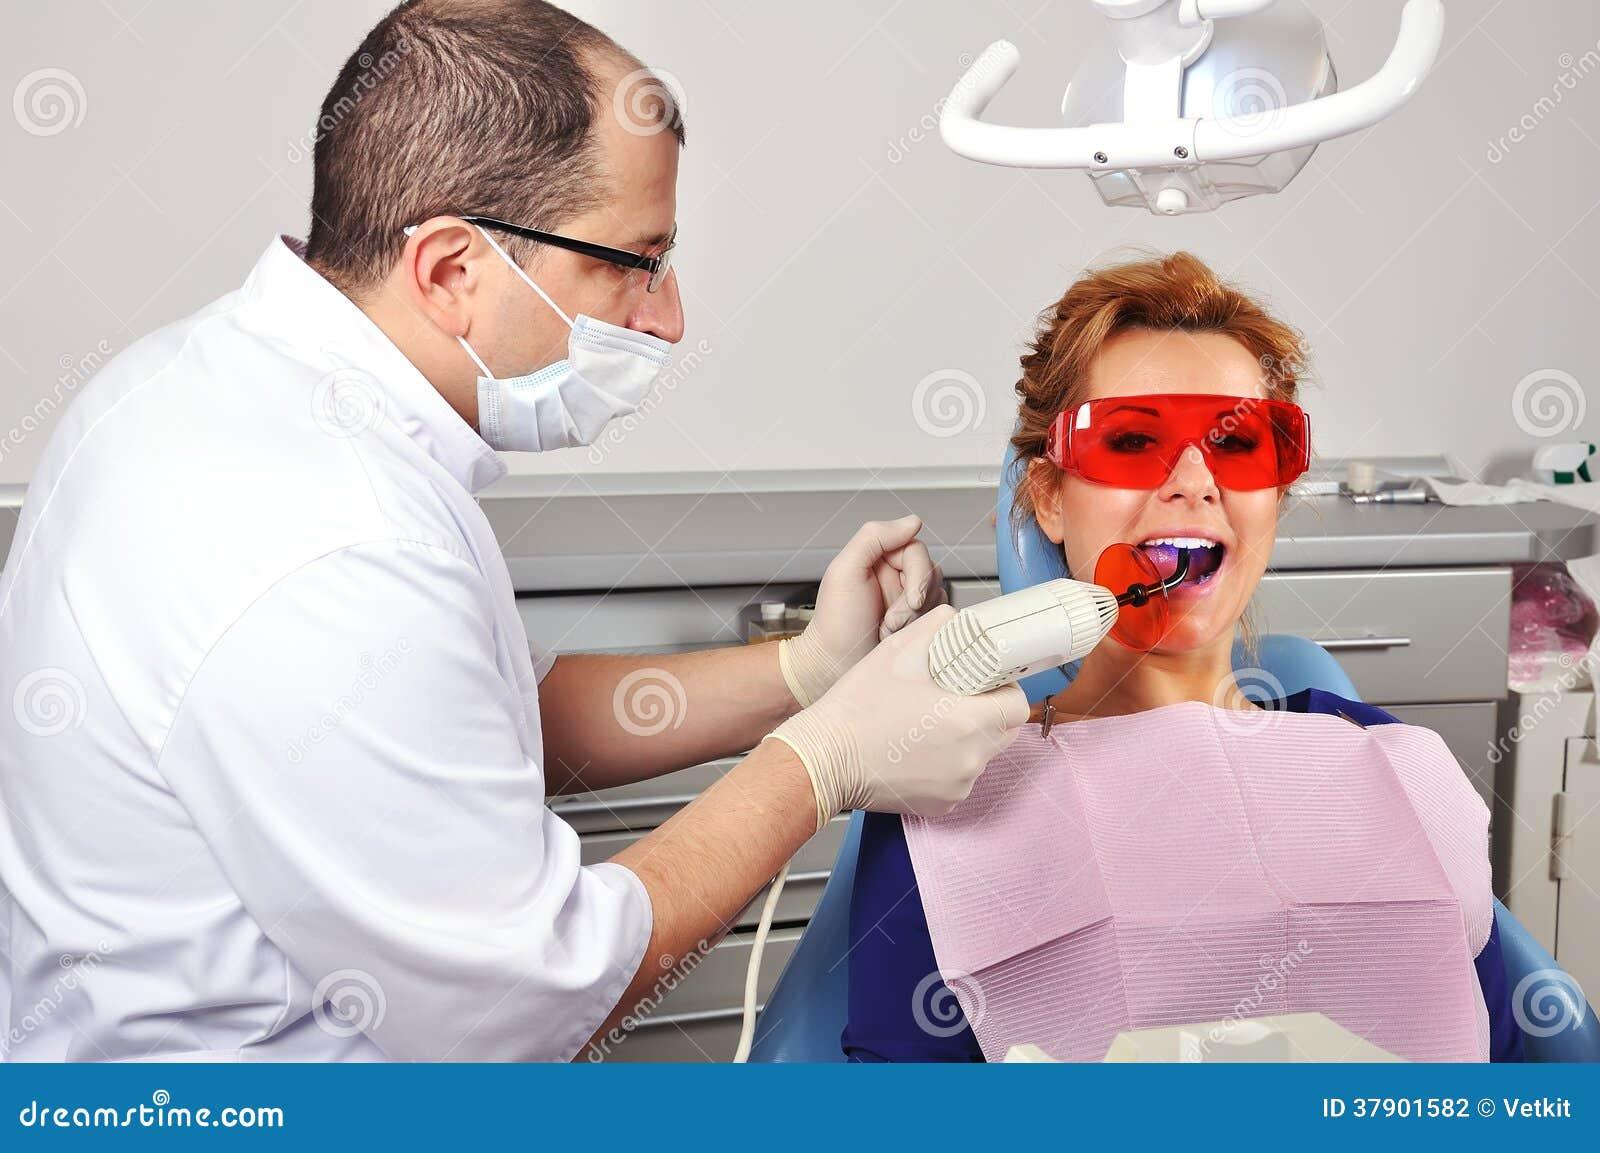 Zahnarztzahnfüllung